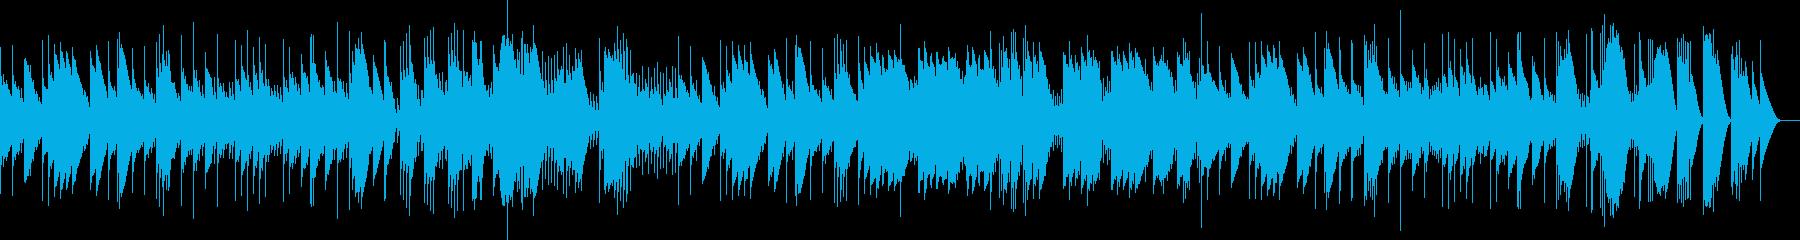 悲愴 第2楽章 long(オルゴール)の再生済みの波形